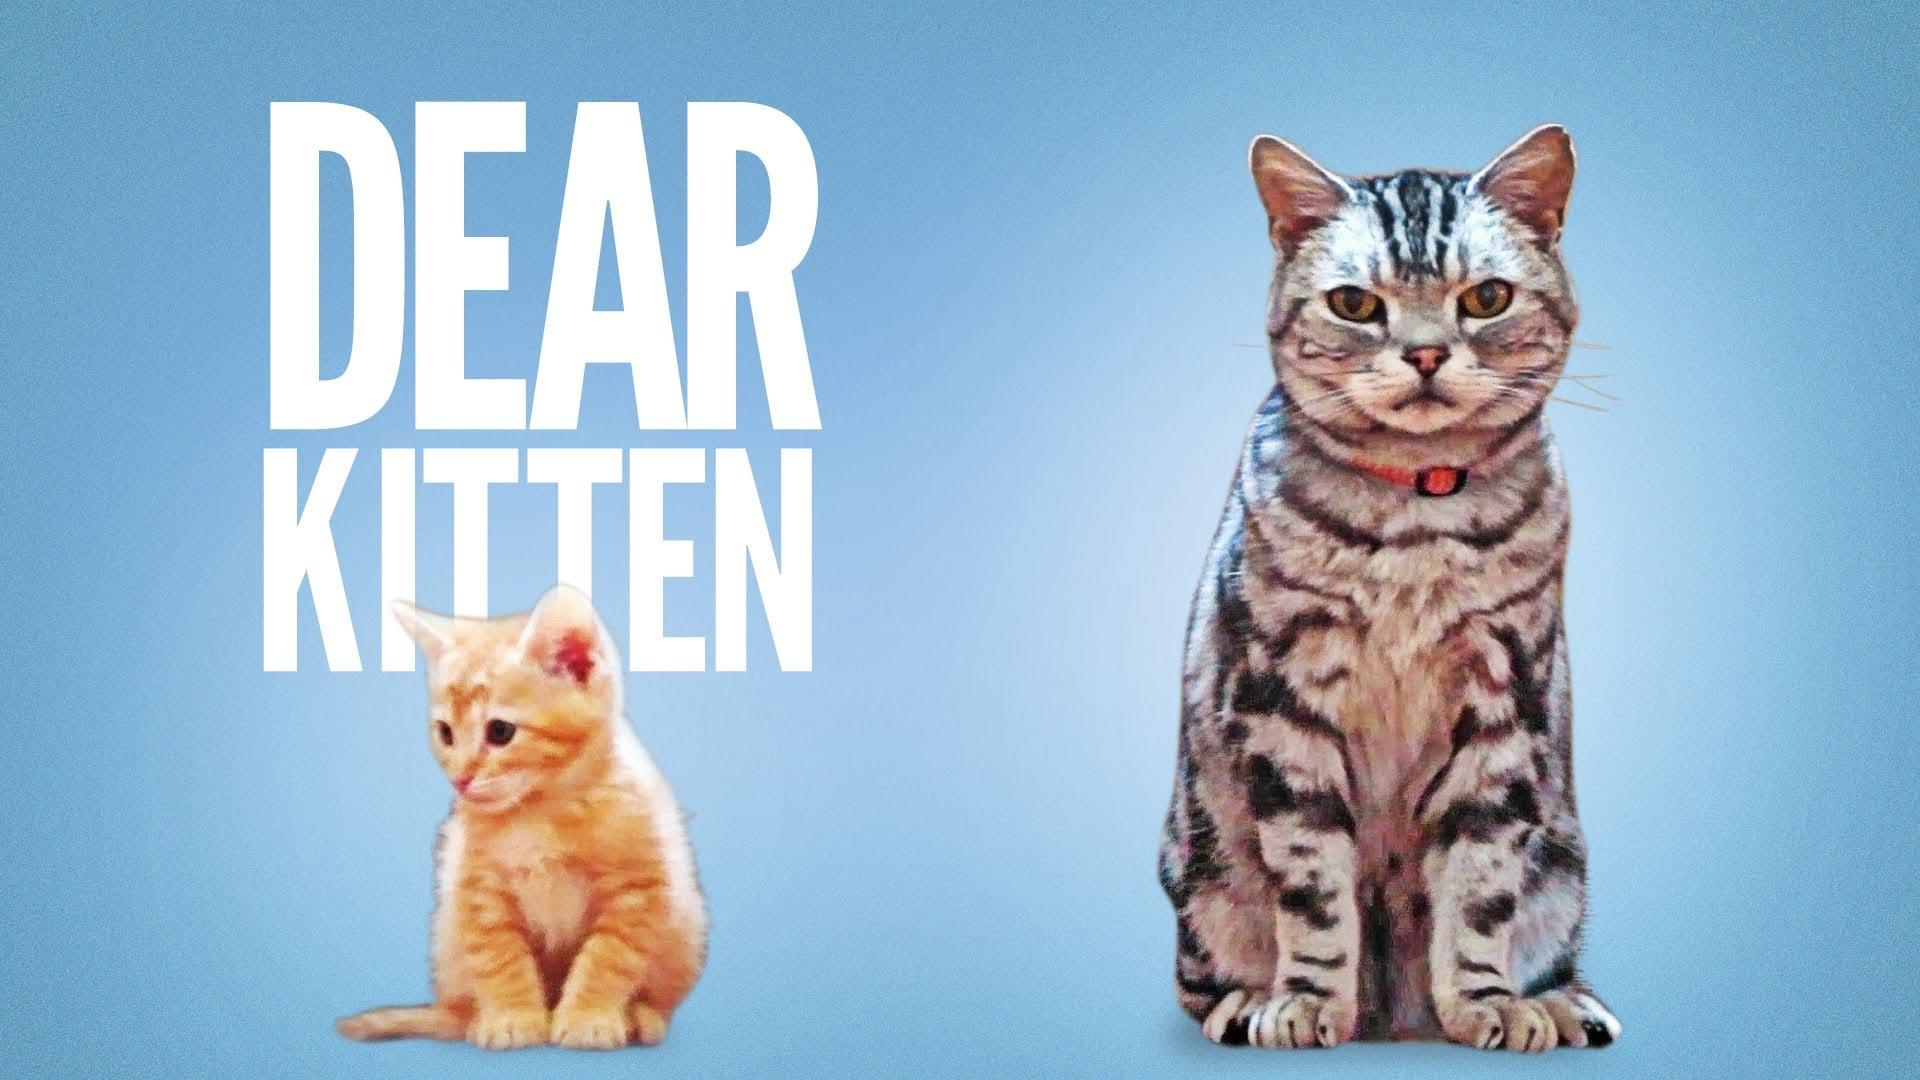 【超療癒貓食廣告】親愛的小貓,讓大哥我來告訴你...